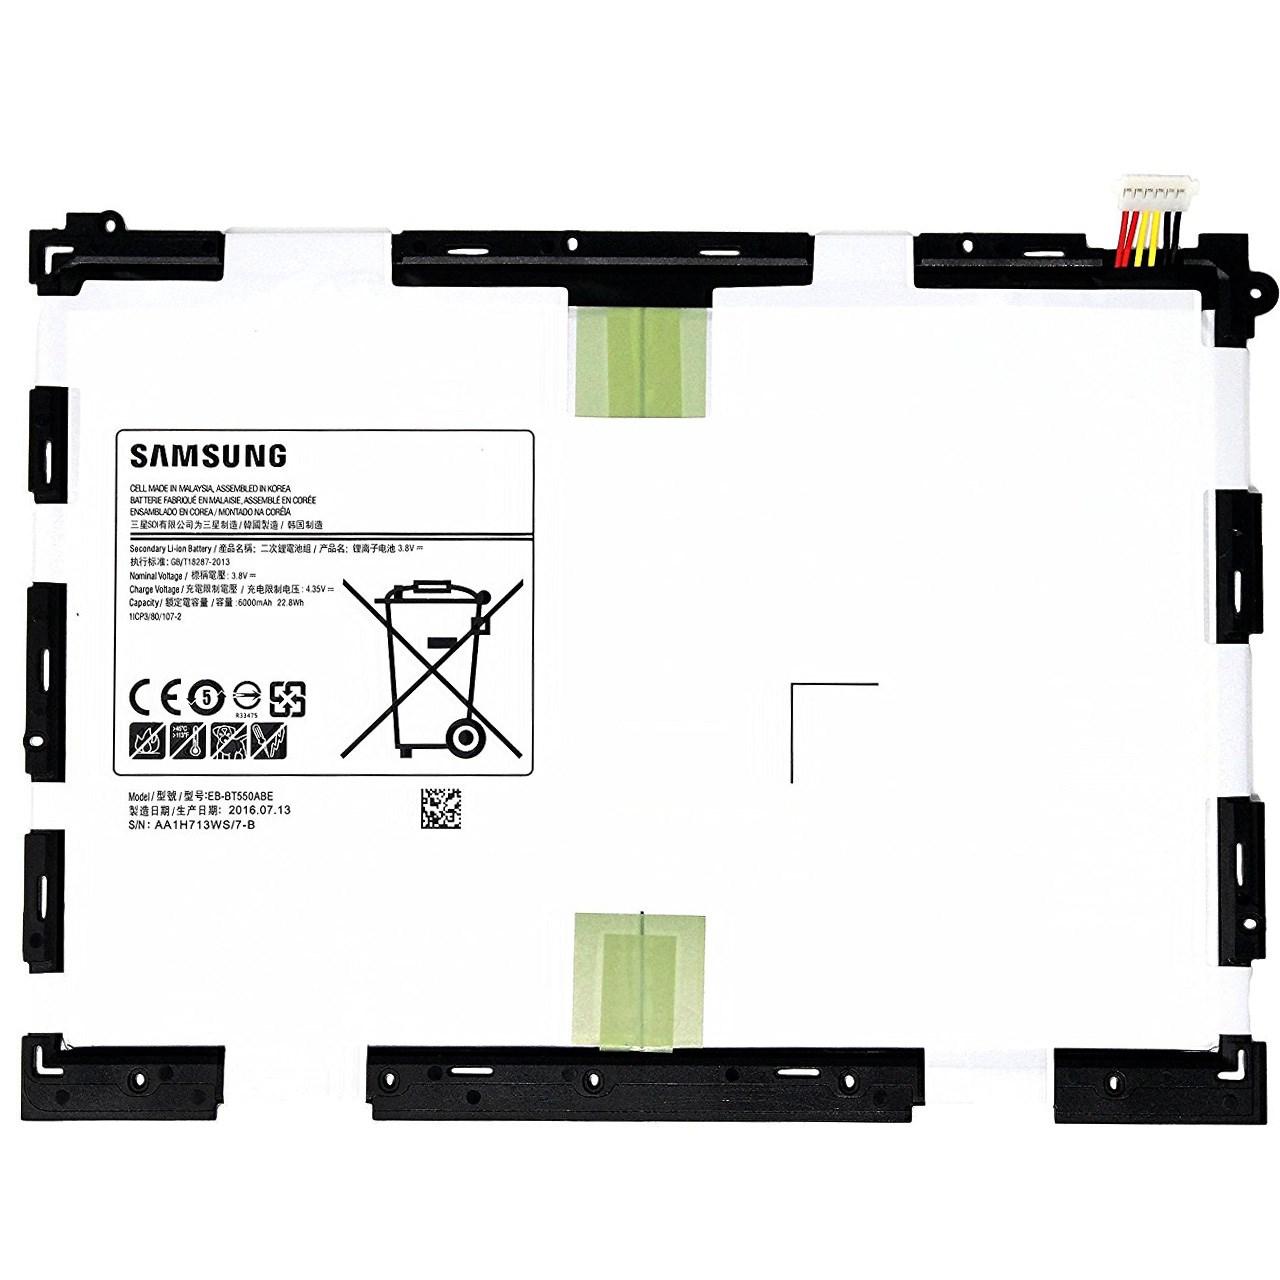 باتری تبلت مدل EB-BT550ABE با ظرفیت 6000 میلی آمپر مناسب برای تبلت Galaxy Tab A